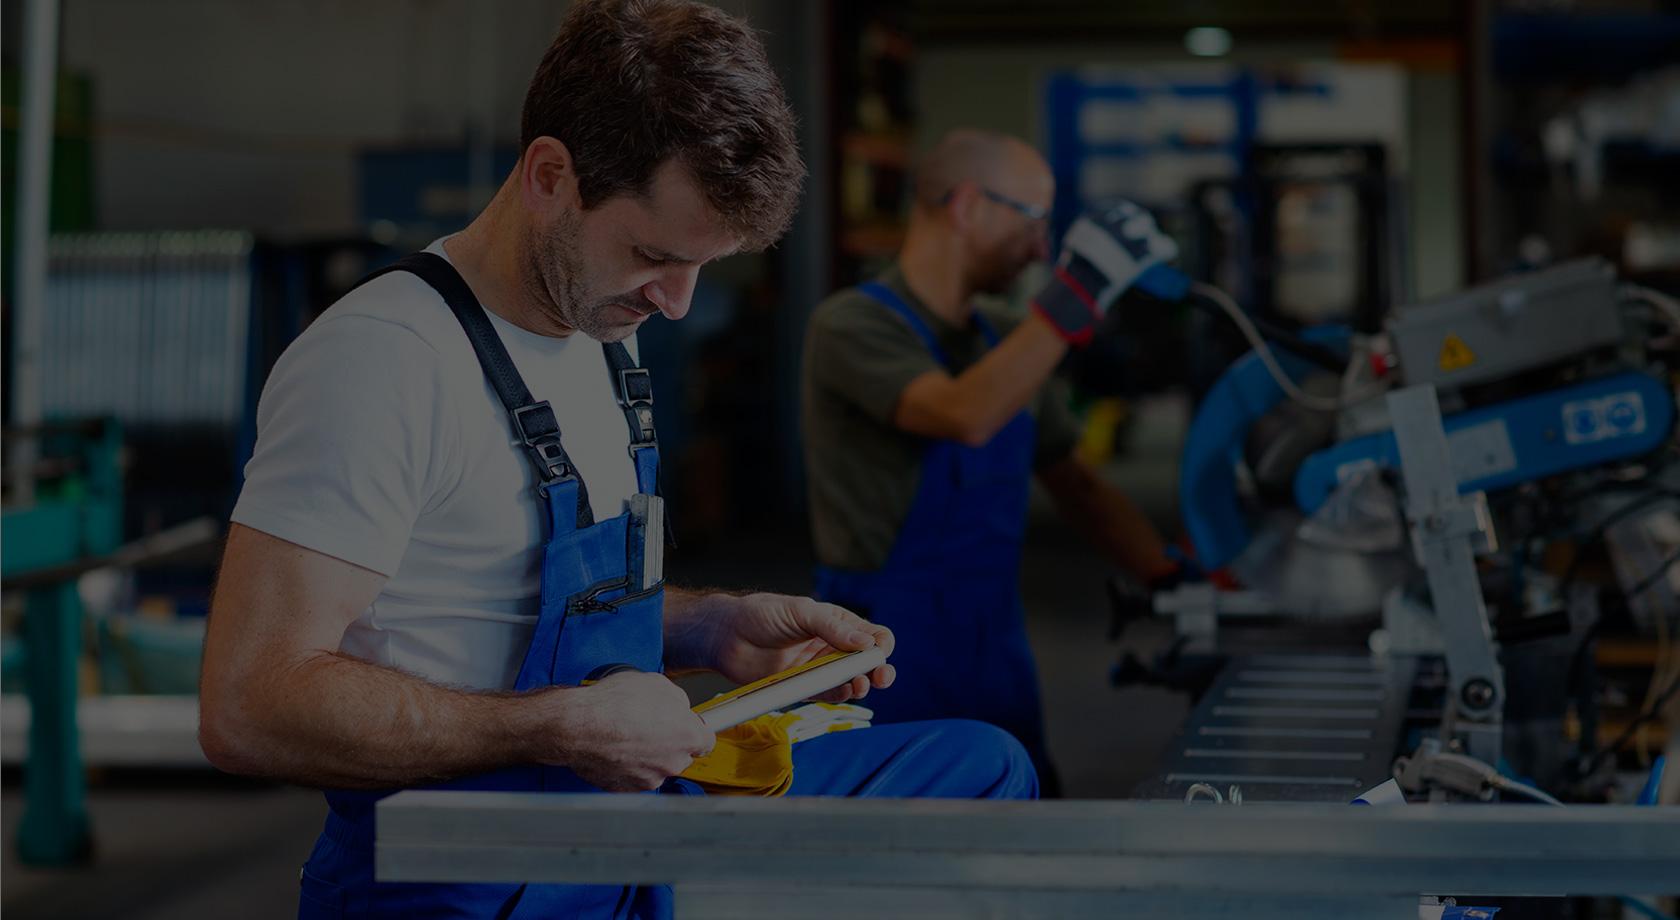 Usines 4.0: Des technologies innovantes au service des industries